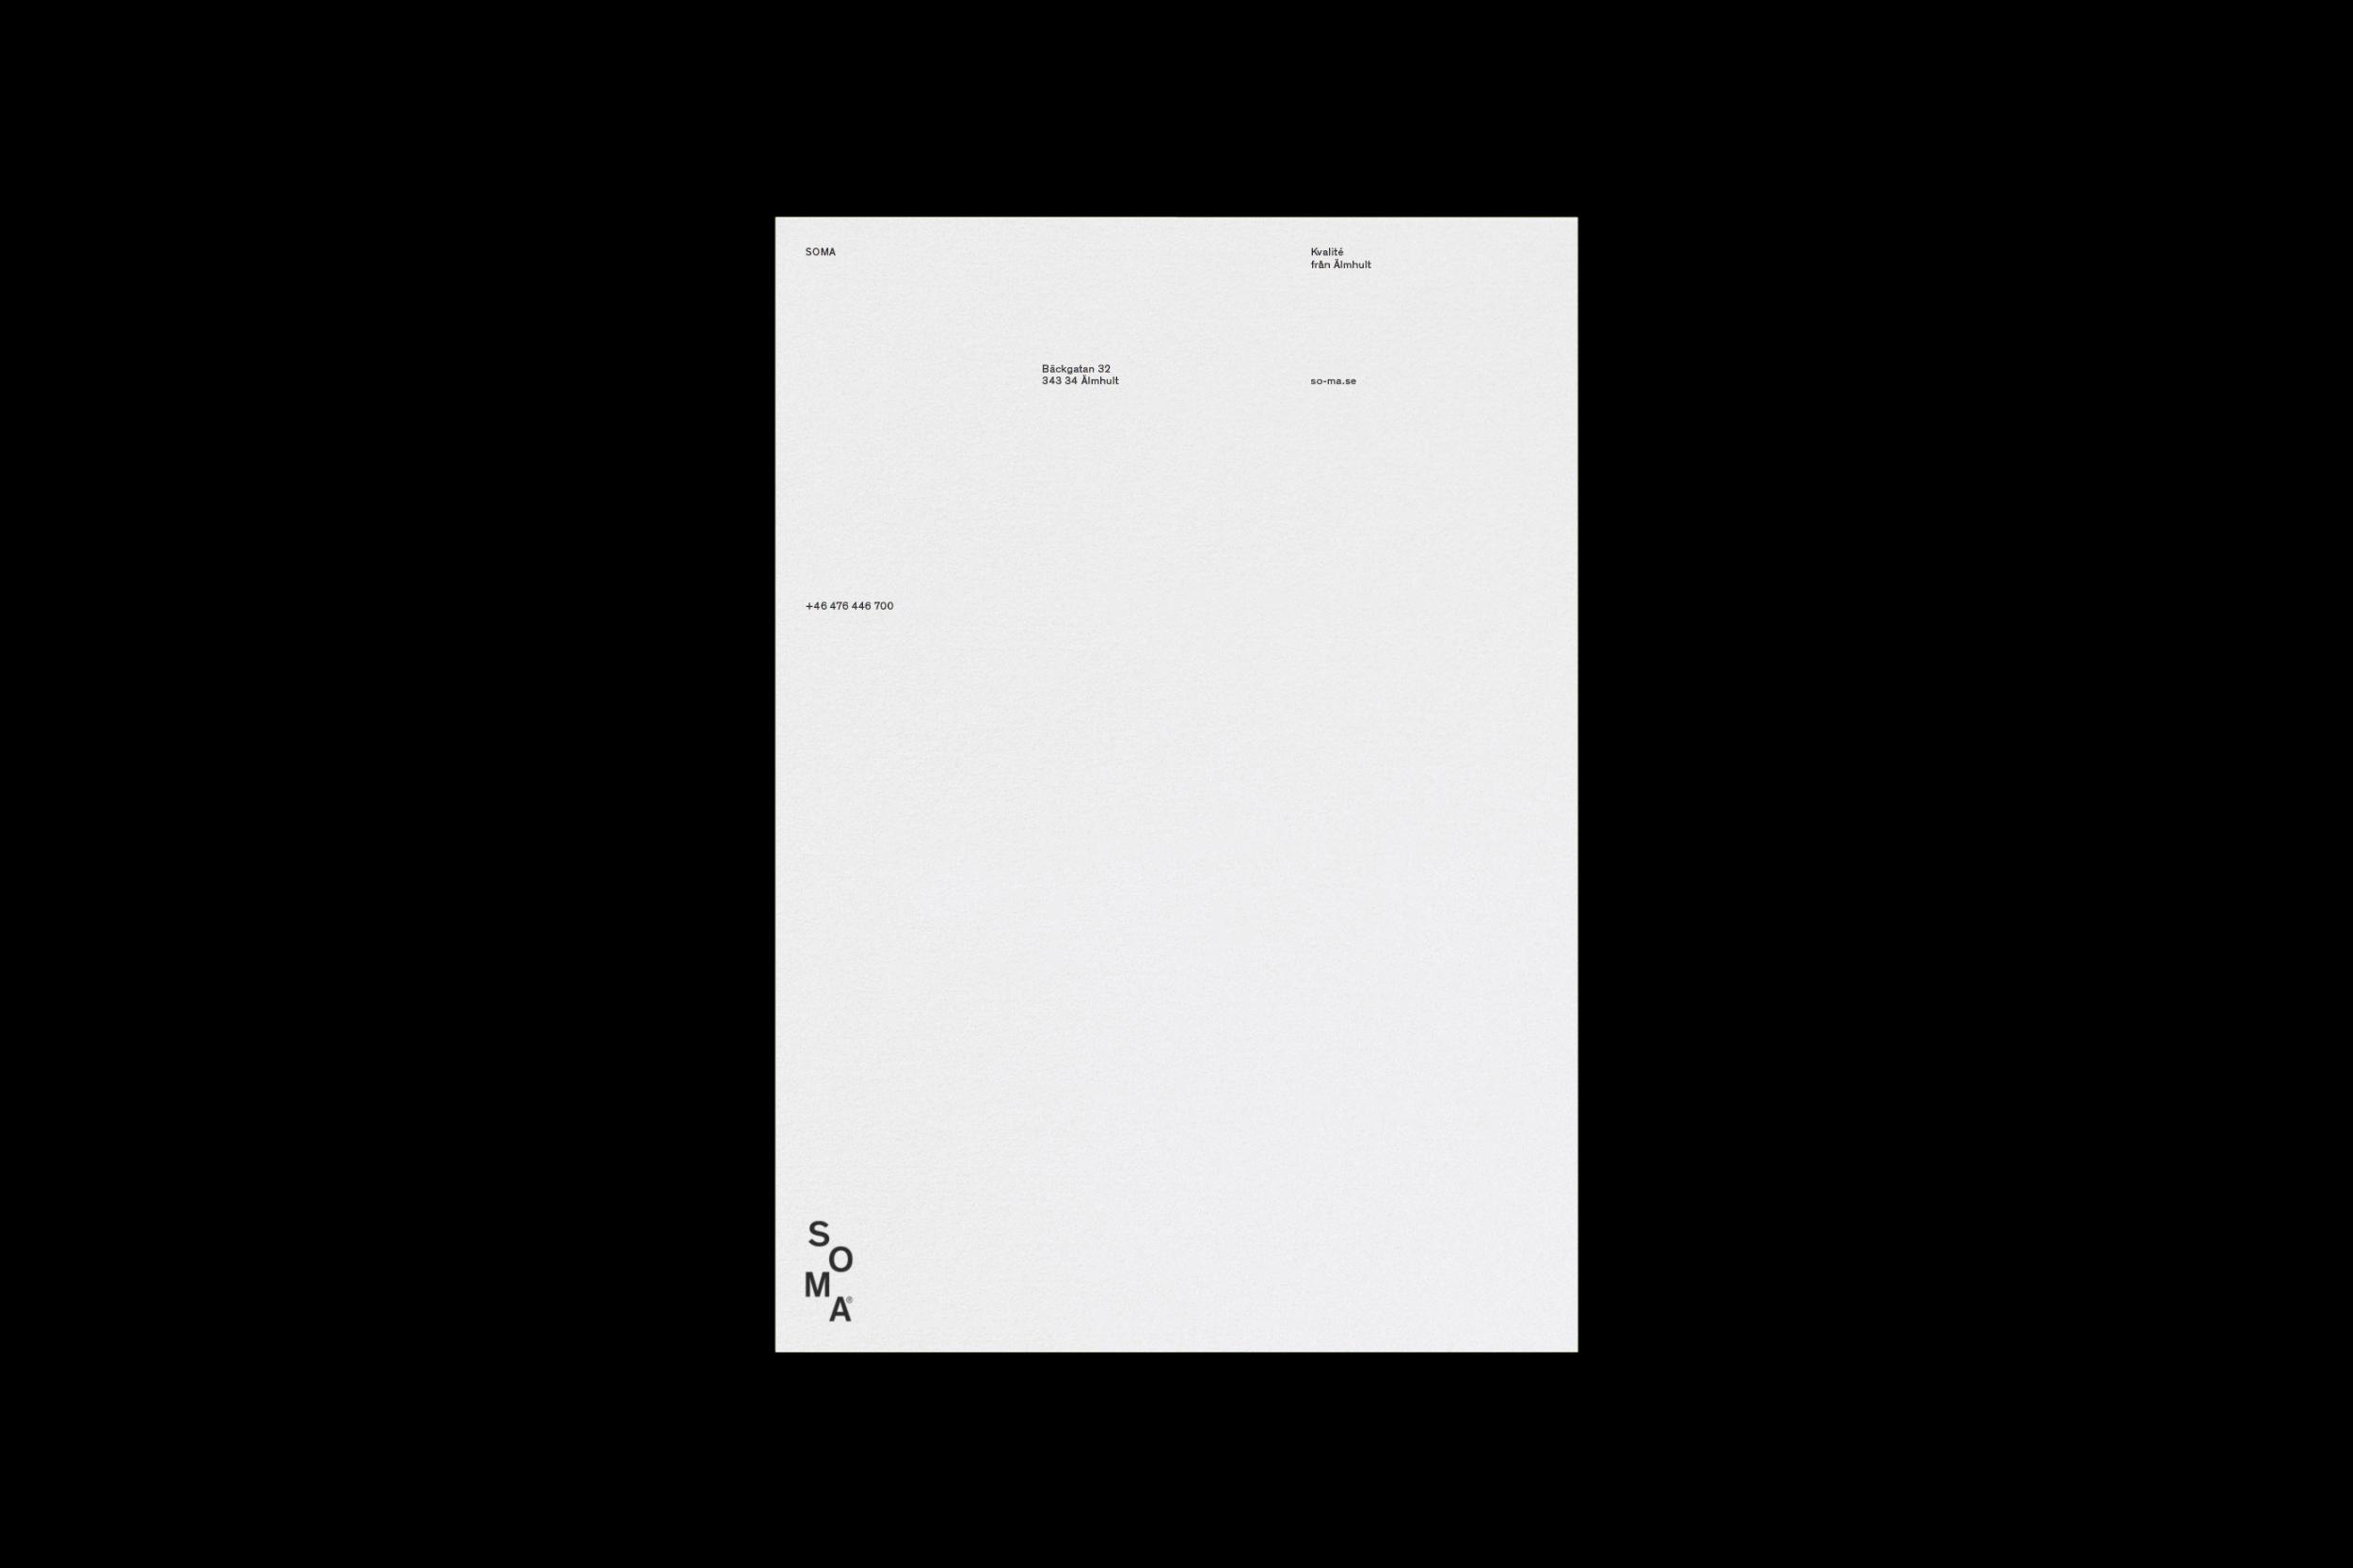 soma_letter.jpg